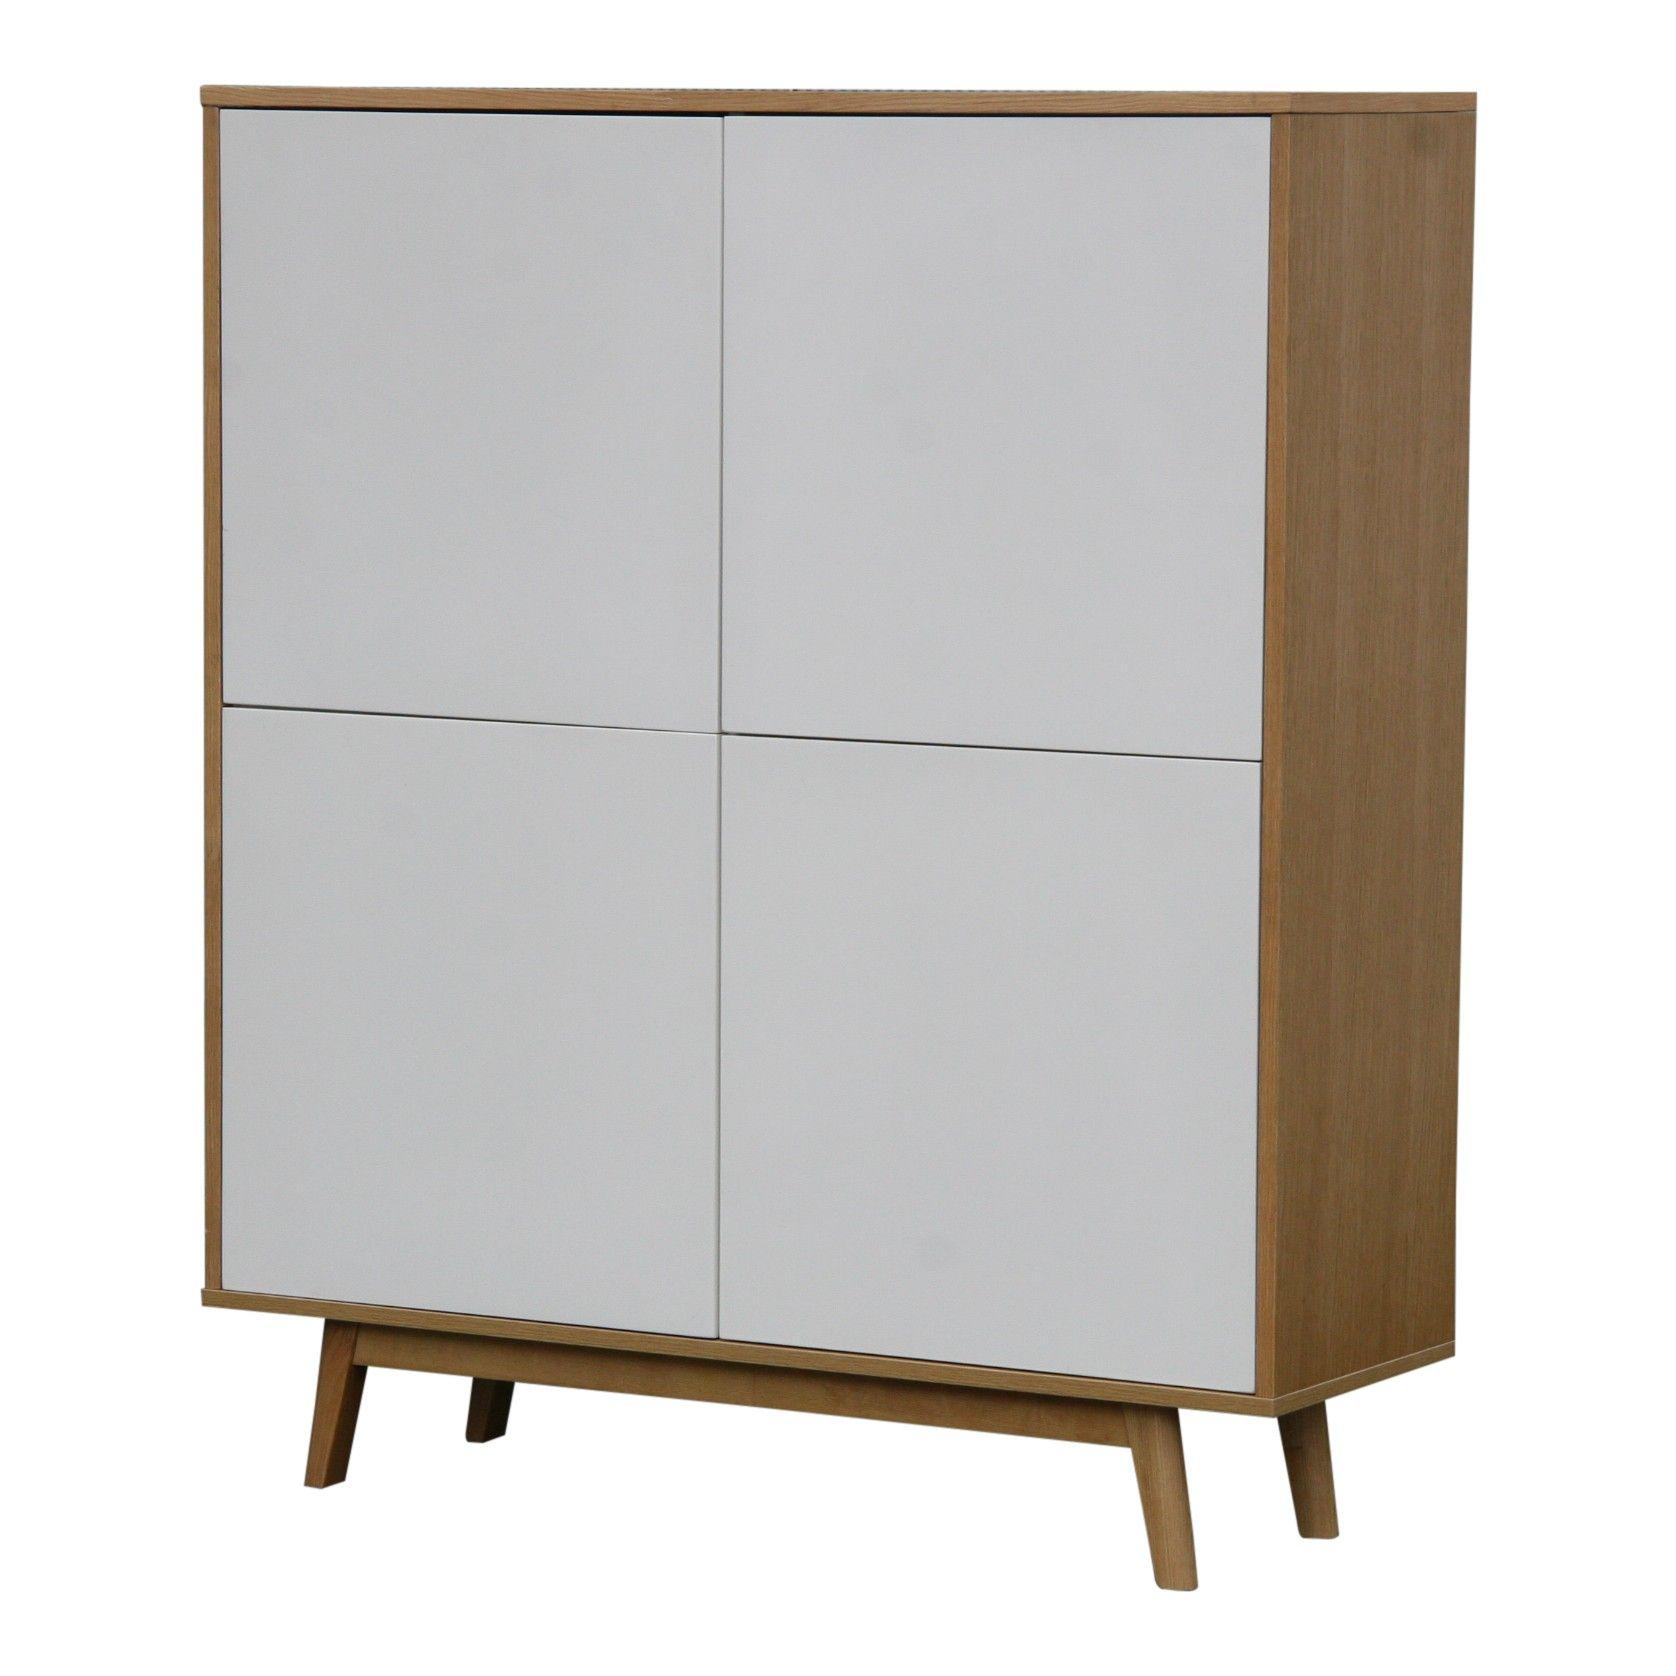 Voorbeeld kast woonkamer (wit) | Kastjes | Pinterest | Showroom and ...